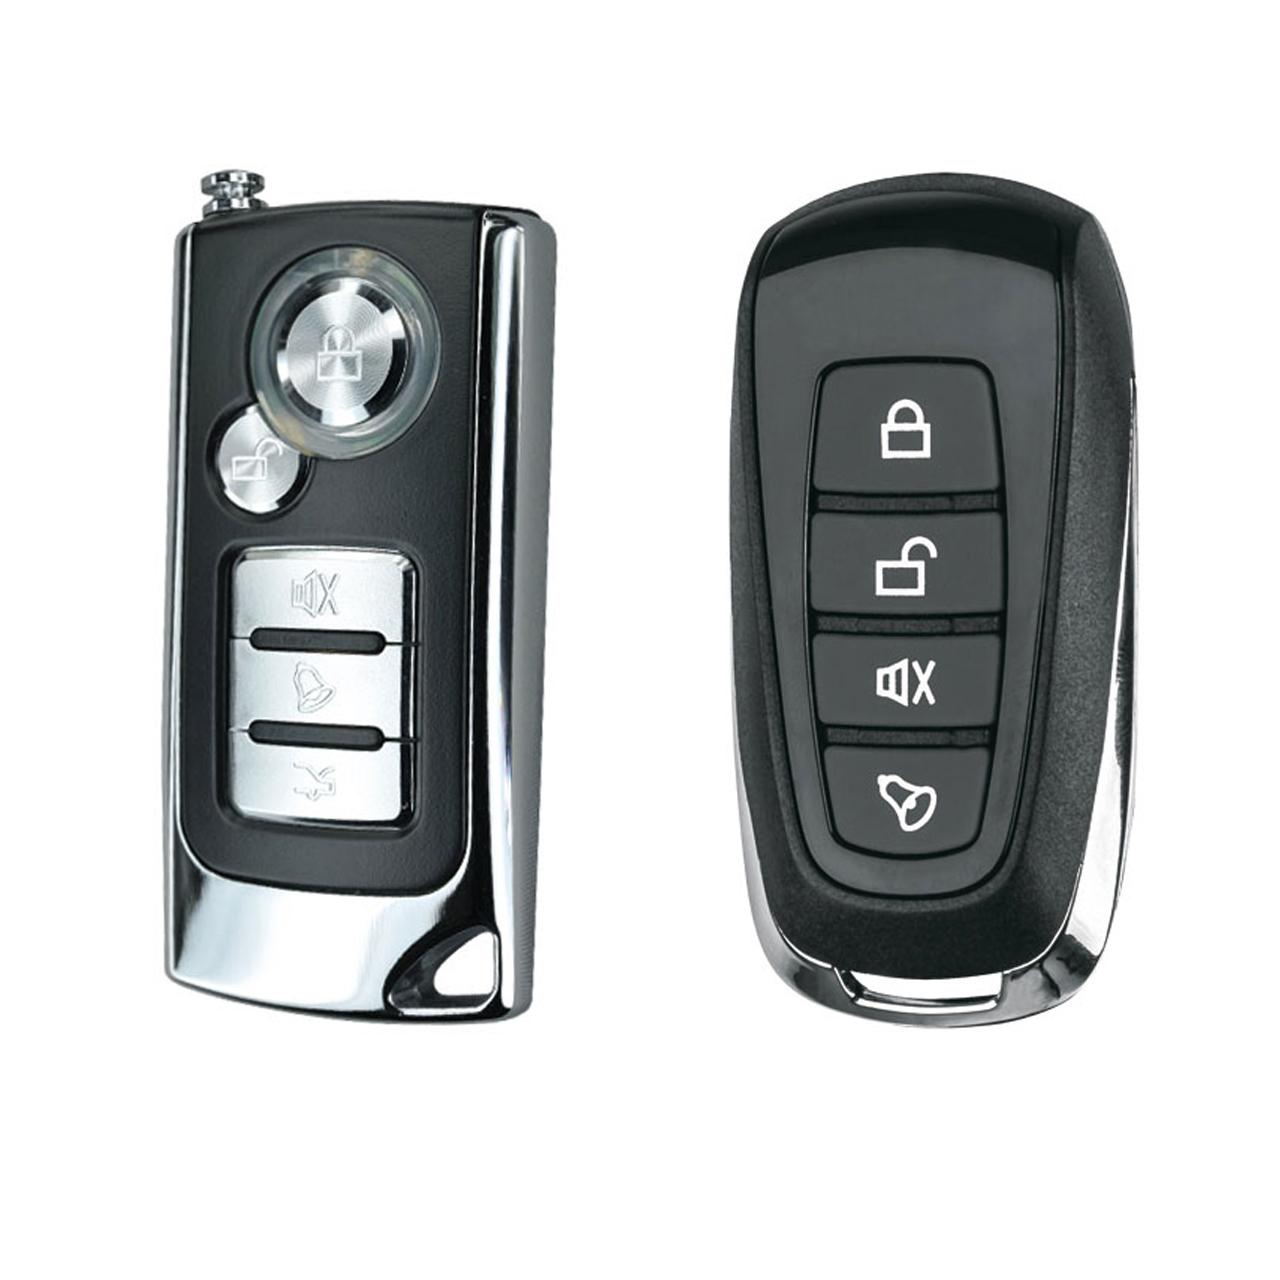 دزدگیر خودرو استیلاک مدل هوتای کد ریموت HUATAI Car Alarm Stelock A554 TX1000